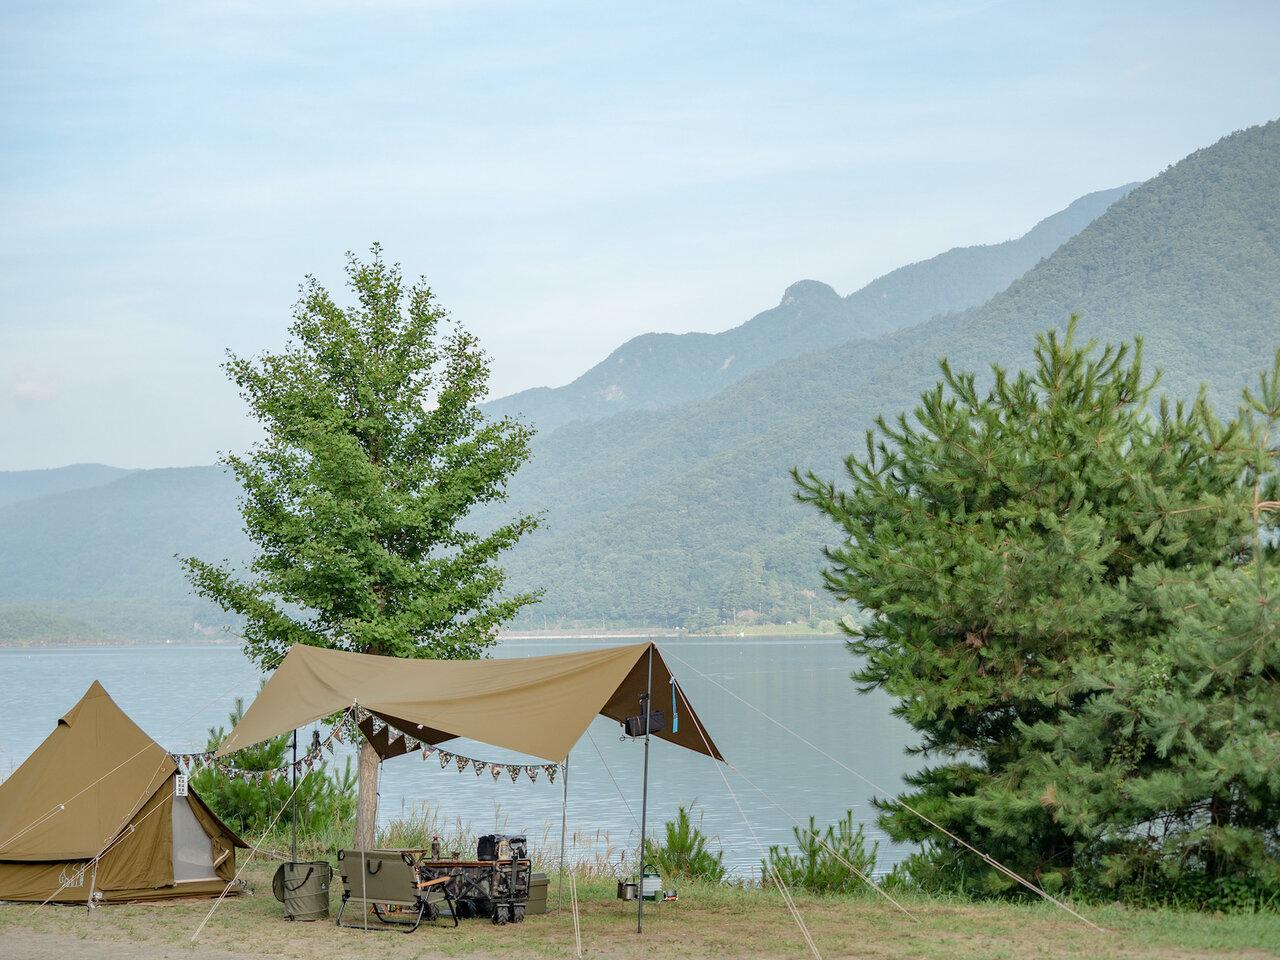 お盆明け!富士河口湖町キャンプ場巡り再開!西湖の津原キャンプ場にこもって書類作成作業に専念してきました